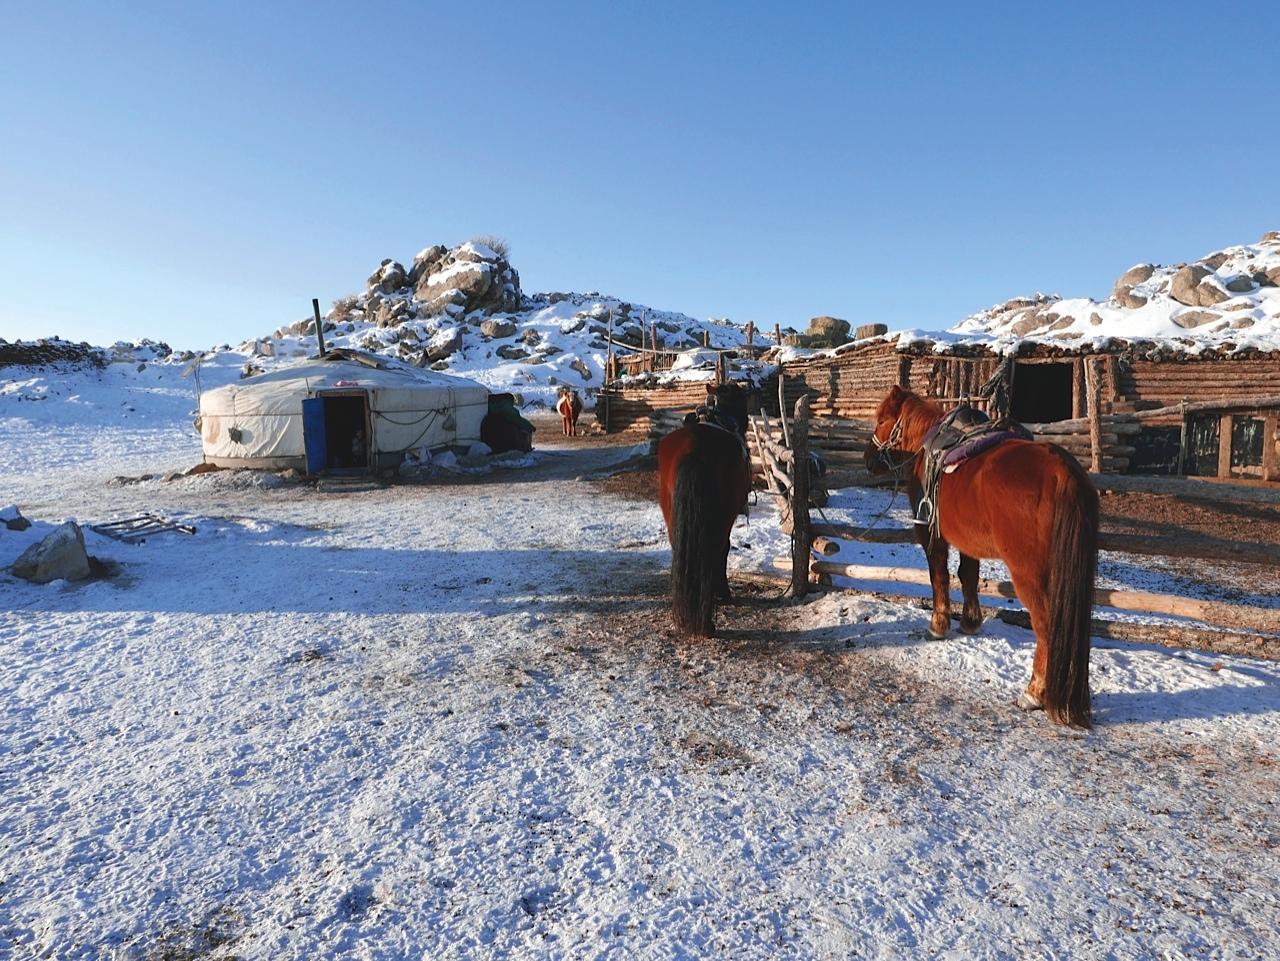 mongolie2_cmarc_alaux